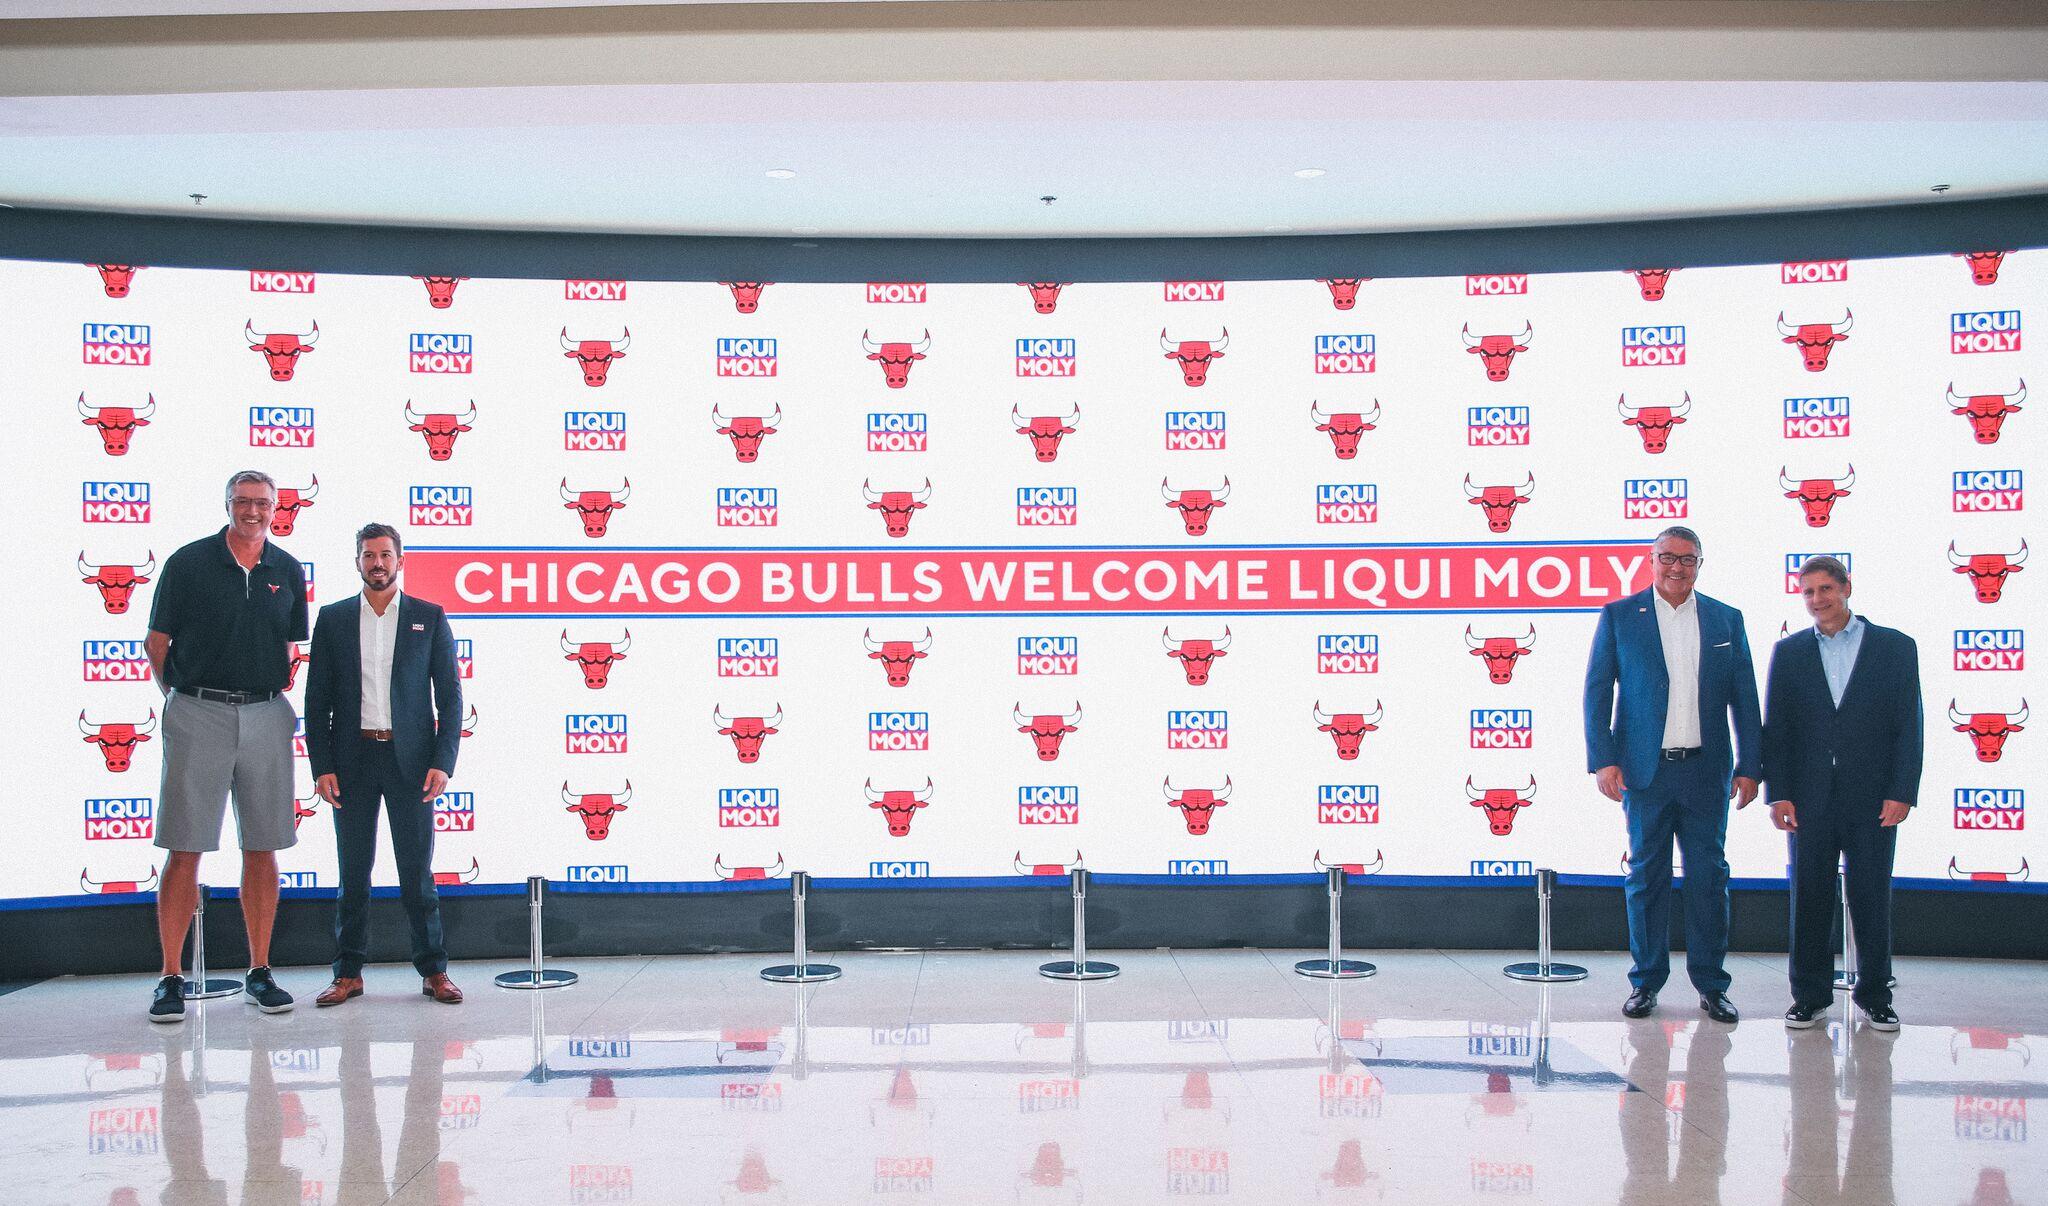 LIQUI MOLY se compromete con los Chicago Bulls  LIQUI MOLY d0f9aaec392